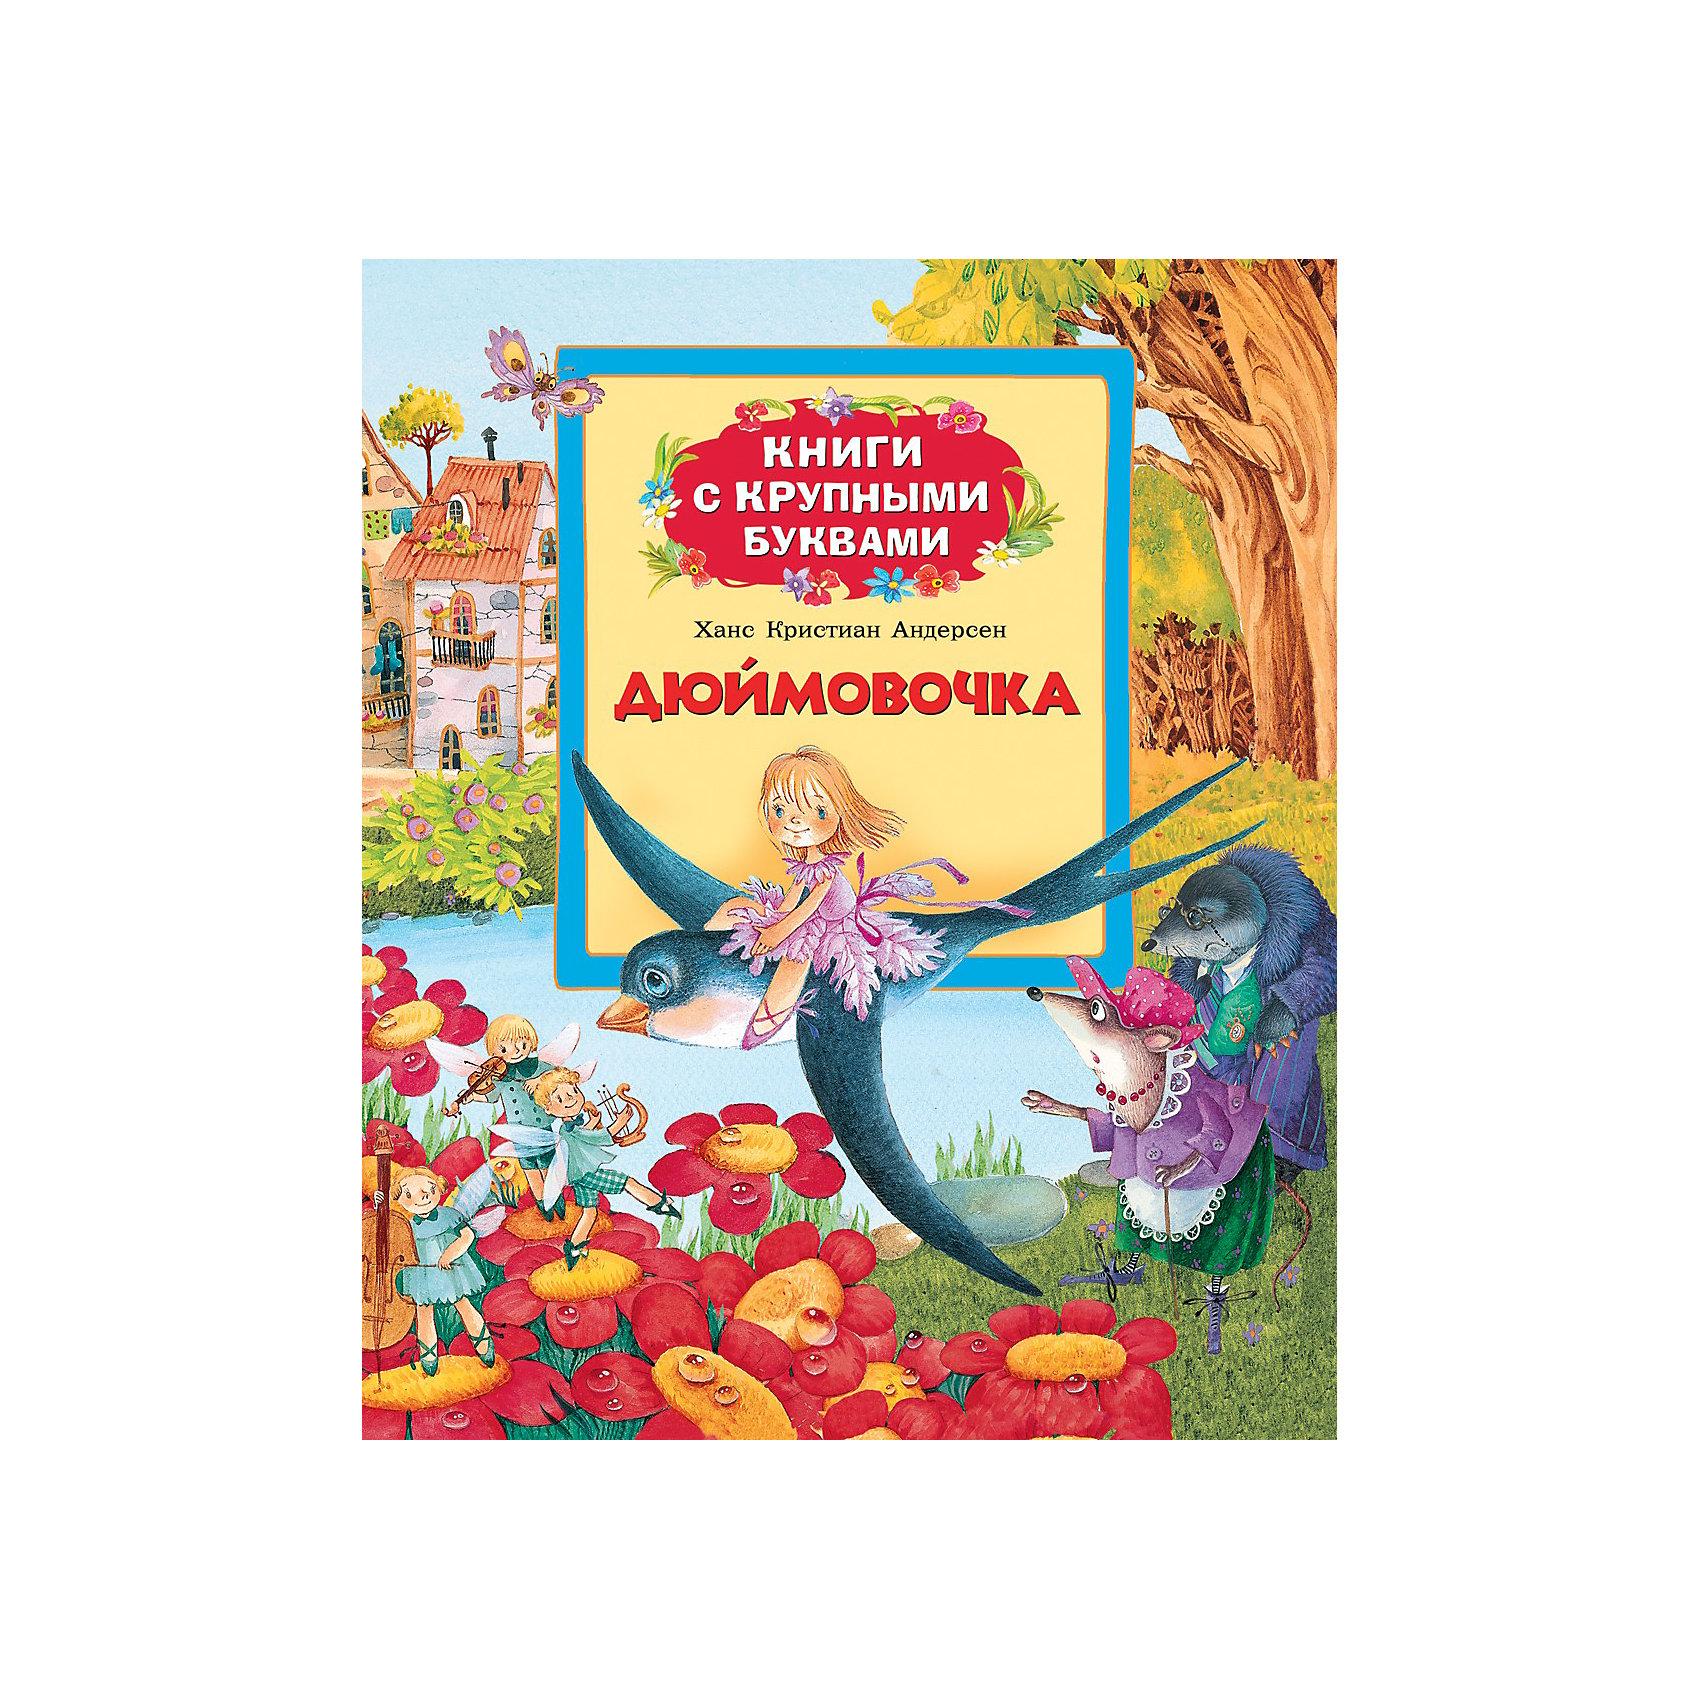 Книга с крупными буквами ДюймовочкаДюймовочка, серия Книги с крупными буквами, Росмэн – эта книжка с крупными буквами, предназначена для самостоятельного чтения детьми.<br>Крупный шрифт и знакомые ребенку произведения, рекомендованные для первого чтения, научат малыша легко и быстро складывать слоги в слова, составлять предложения и понимать прочитанное. А большие красочные жизнерадостные иллюстрации на каждой странице помогут ребенку лучше понять текст и вызовут желание дочитать книжку до конца. Читая страницу за страницей, ребенок познакомится с сюжетом сказок и научится лучше читать.  В сборник вошли самые известные произведения знаменитого сказочника Х.-К. Андерсена. Книга представлена сказками: Дюймовочка, Стойкий оловянный солдатик.<br><br>Дополнительная информация:<br><br>- Иллюстрации И. Якимовой, И. Зуева.<br>- Тип переплета (обложка): твердая<br>- Размер: 198 x 235 мм.<br>- Количество страниц: 32<br>- Иллюстрации: цветные<br><br>Книгу «Дюймовочка», серия Книги с крупными буквами, Росмэн можно купить в нашем интернет-магазине.<br><br>Ширина мм: 240<br>Глубина мм: 205<br>Высота мм: 7<br>Вес г: 280<br>Возраст от месяцев: 36<br>Возраст до месяцев: 84<br>Пол: Унисекс<br>Возраст: Детский<br>SKU: 3633659